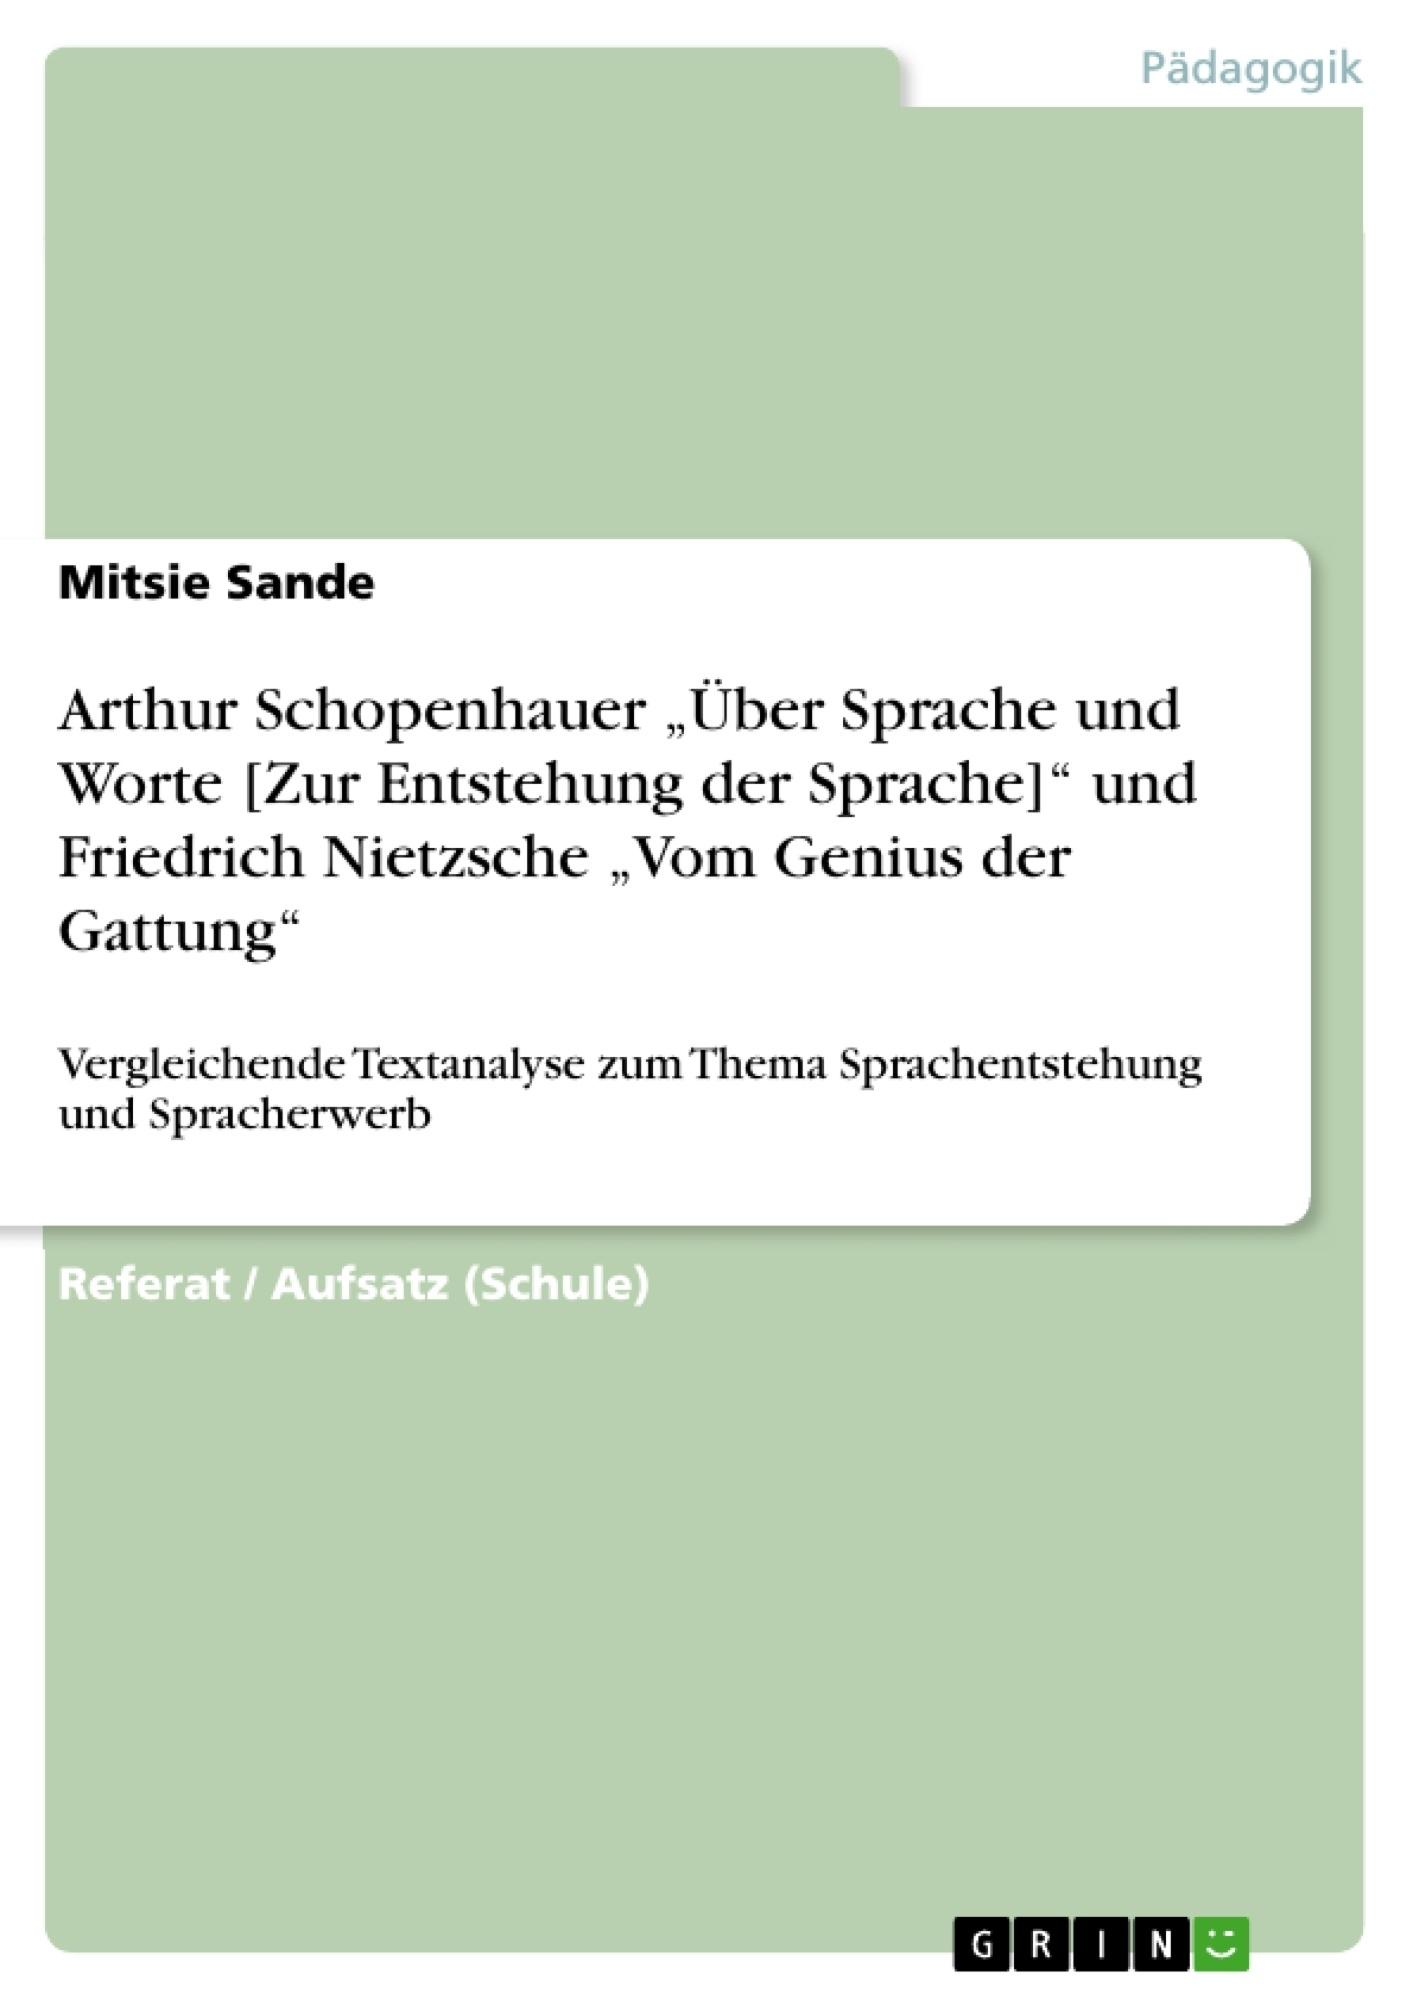 """Titel: Arthur Schopenhauer """"Über Sprache und Worte [Zur Entstehung der Sprache]"""" und Friedrich Nietzsche """"Vom Genius der Gattung"""""""